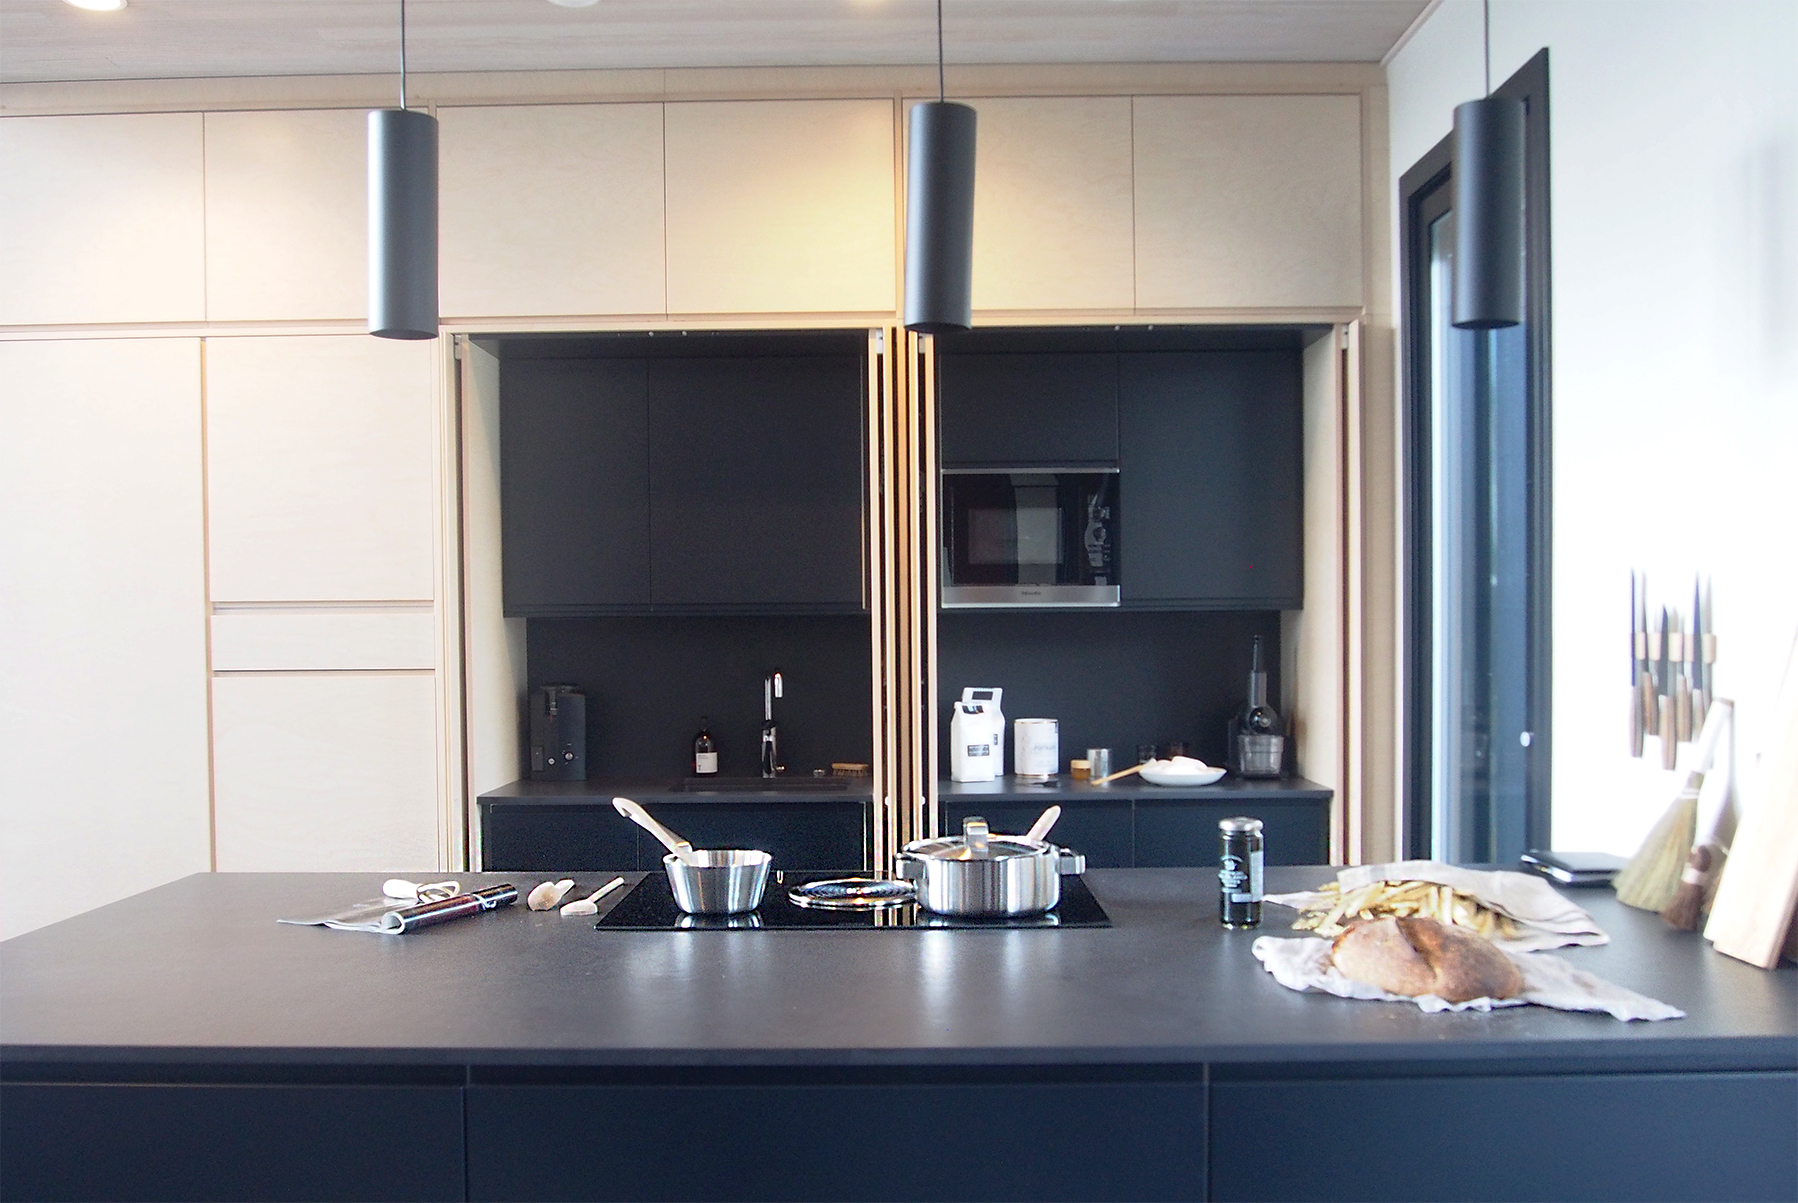 keittiö kannustalo harmaja saimaa asuntomessut 2017